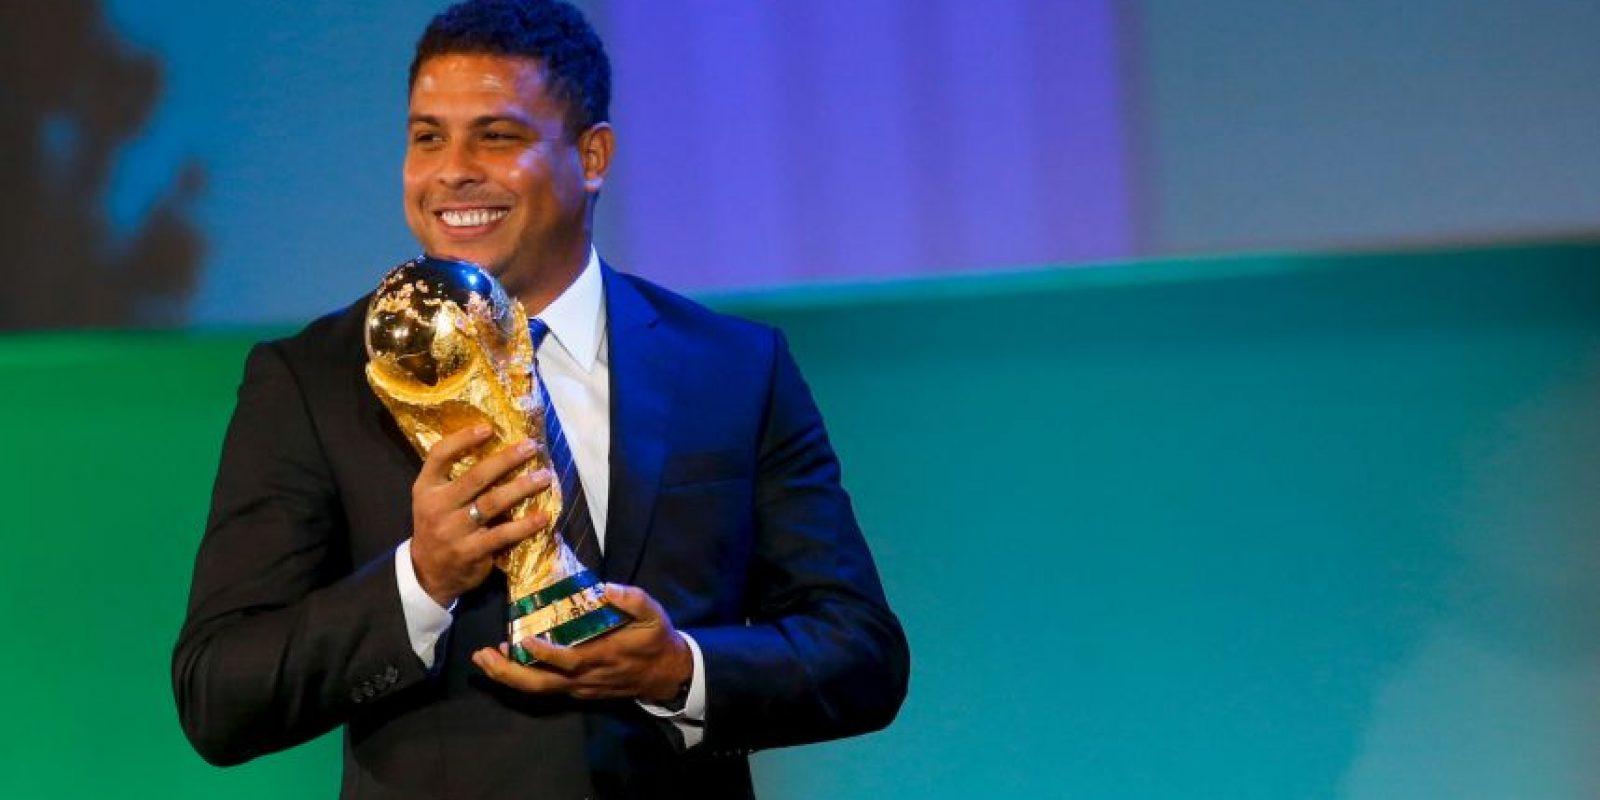 Fue campeón del mundo en 1994 y 2002 Foto:Getty Images